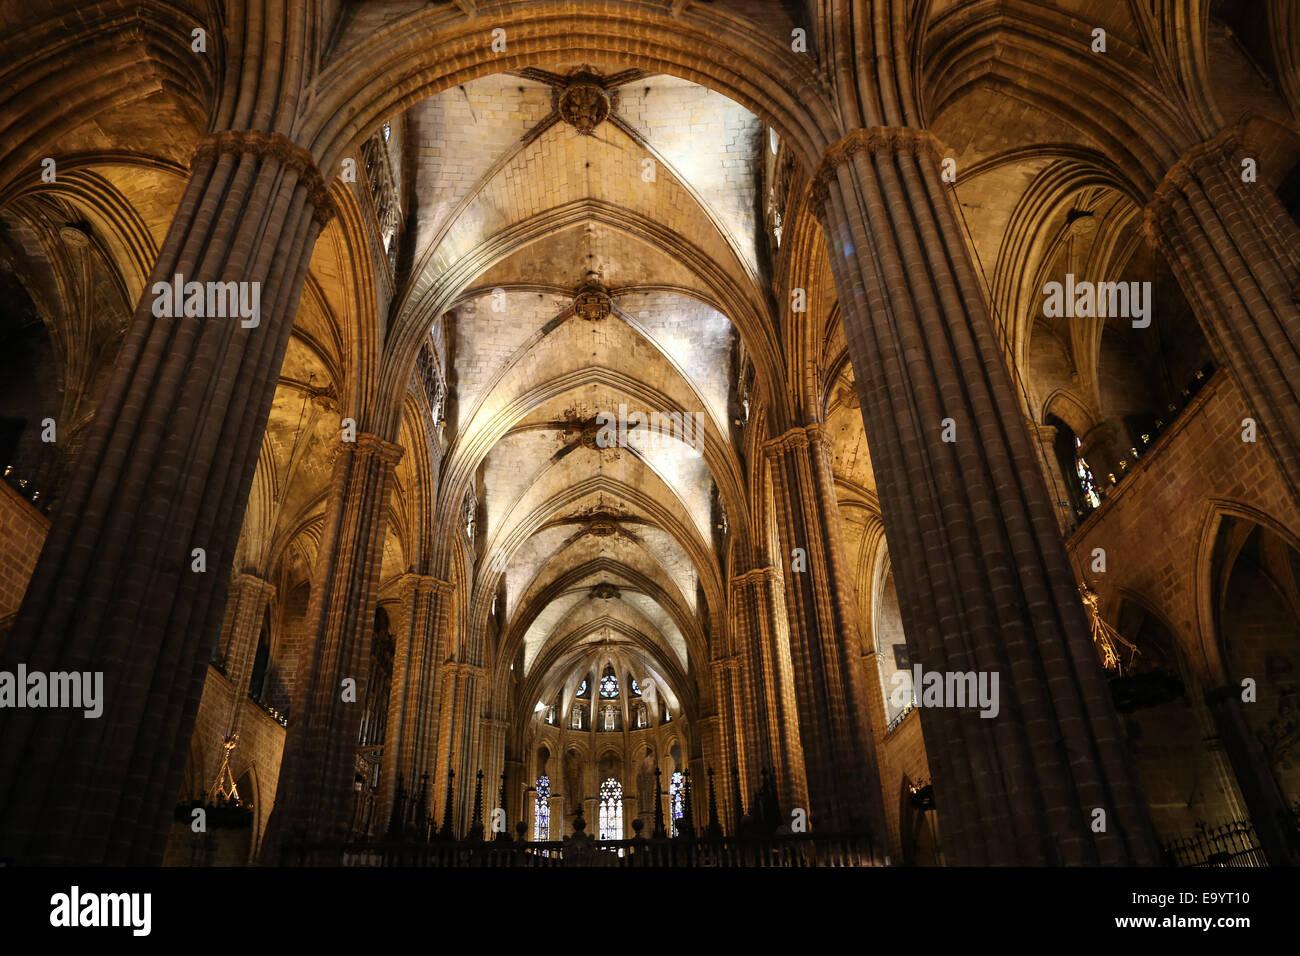 Spagna. La Catalogna. La cattedrale di Barcellona. All'interno. Il XIII secolo. Immagini Stock